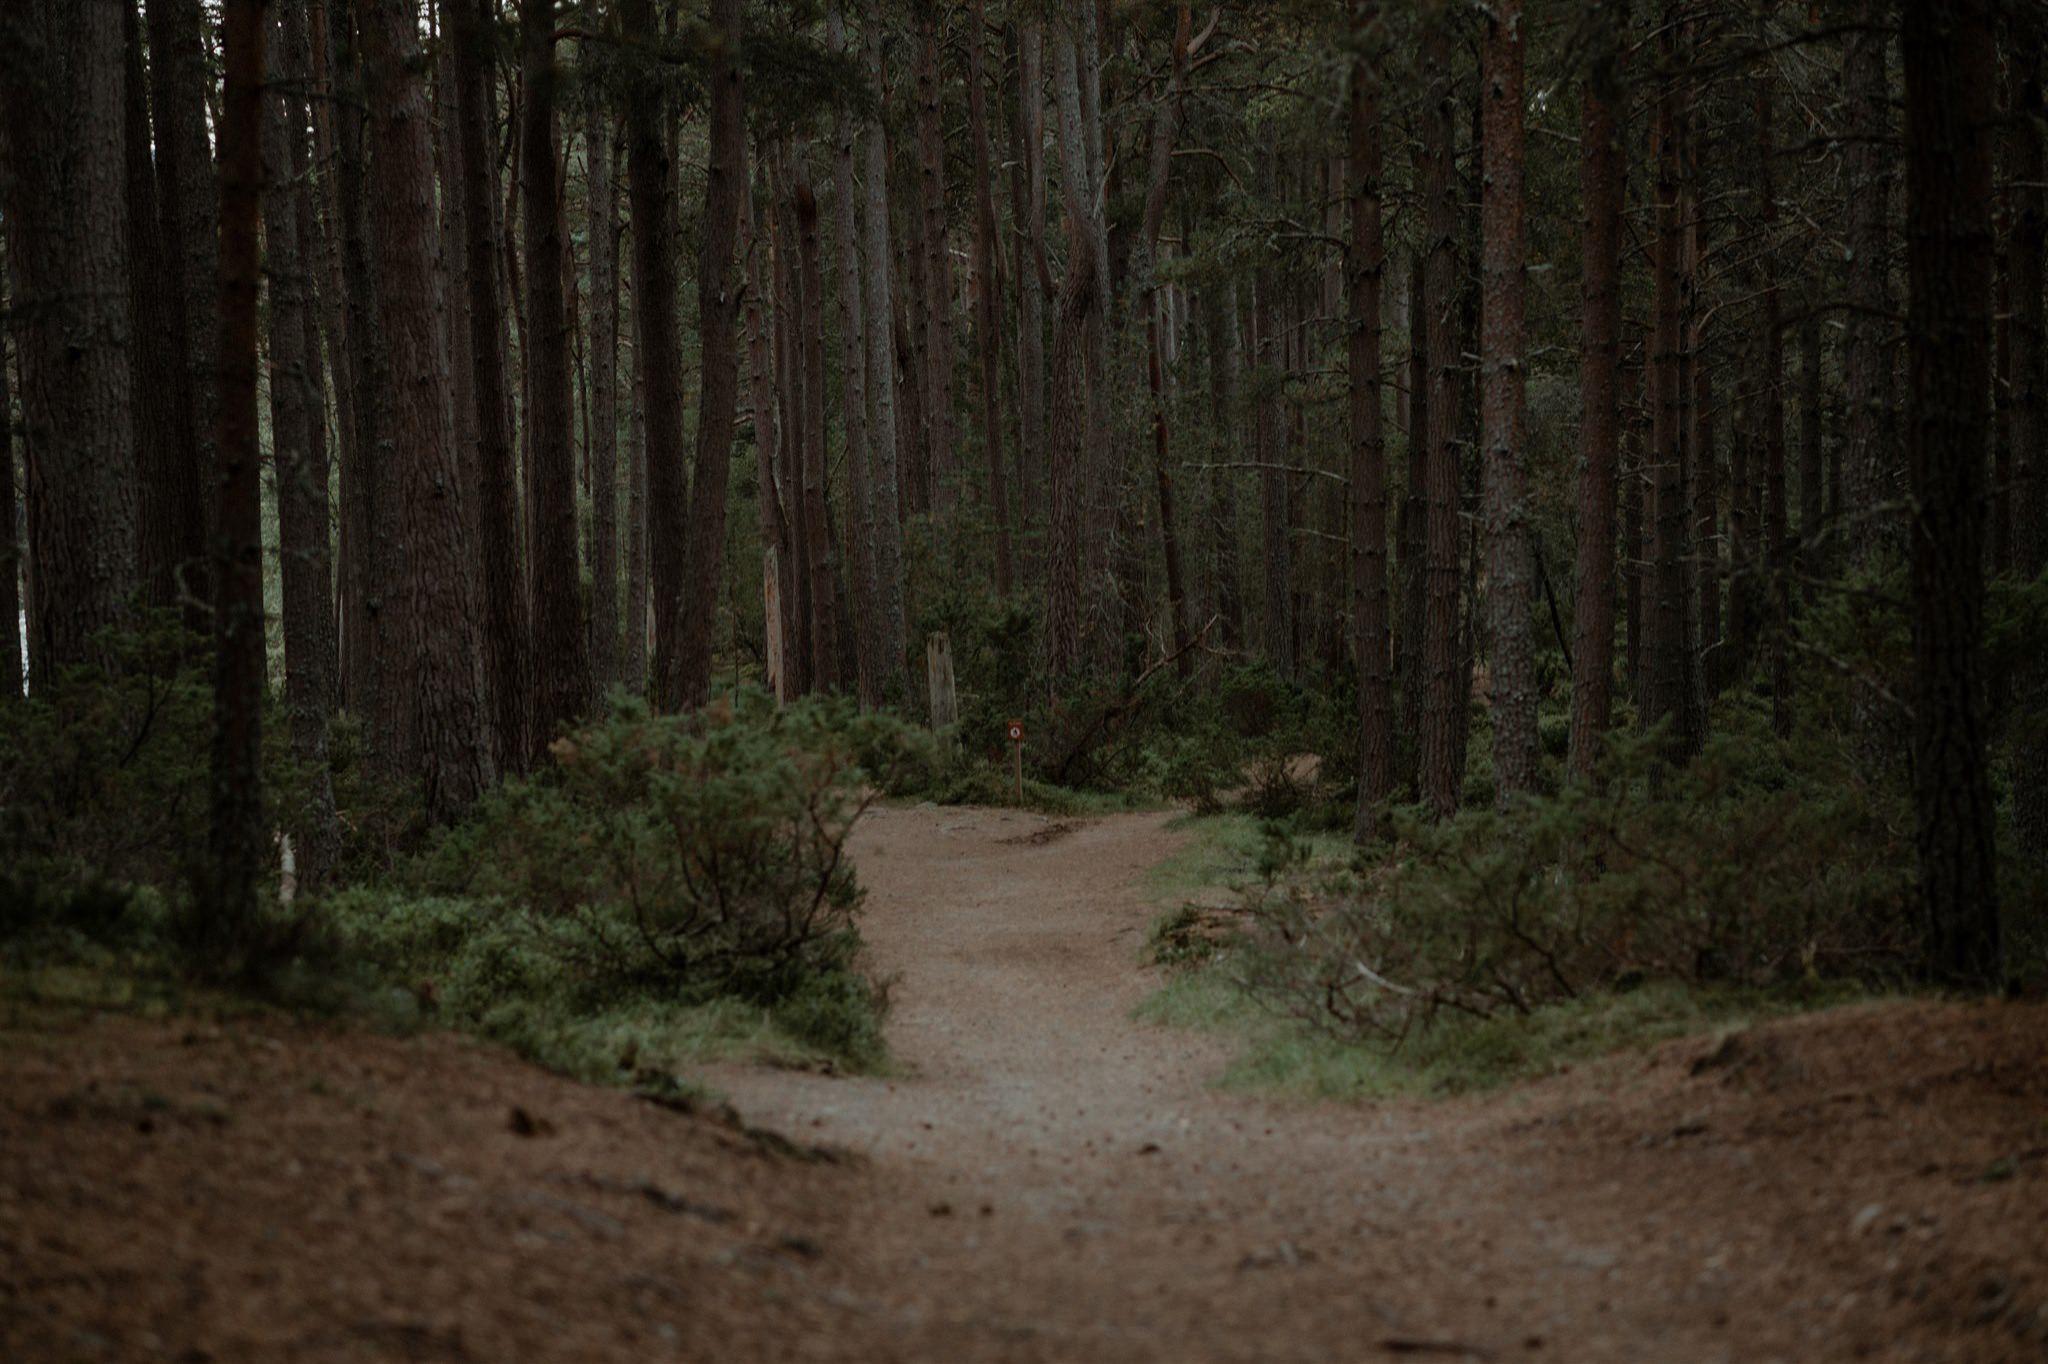 Caledonian forest at Loch Garten